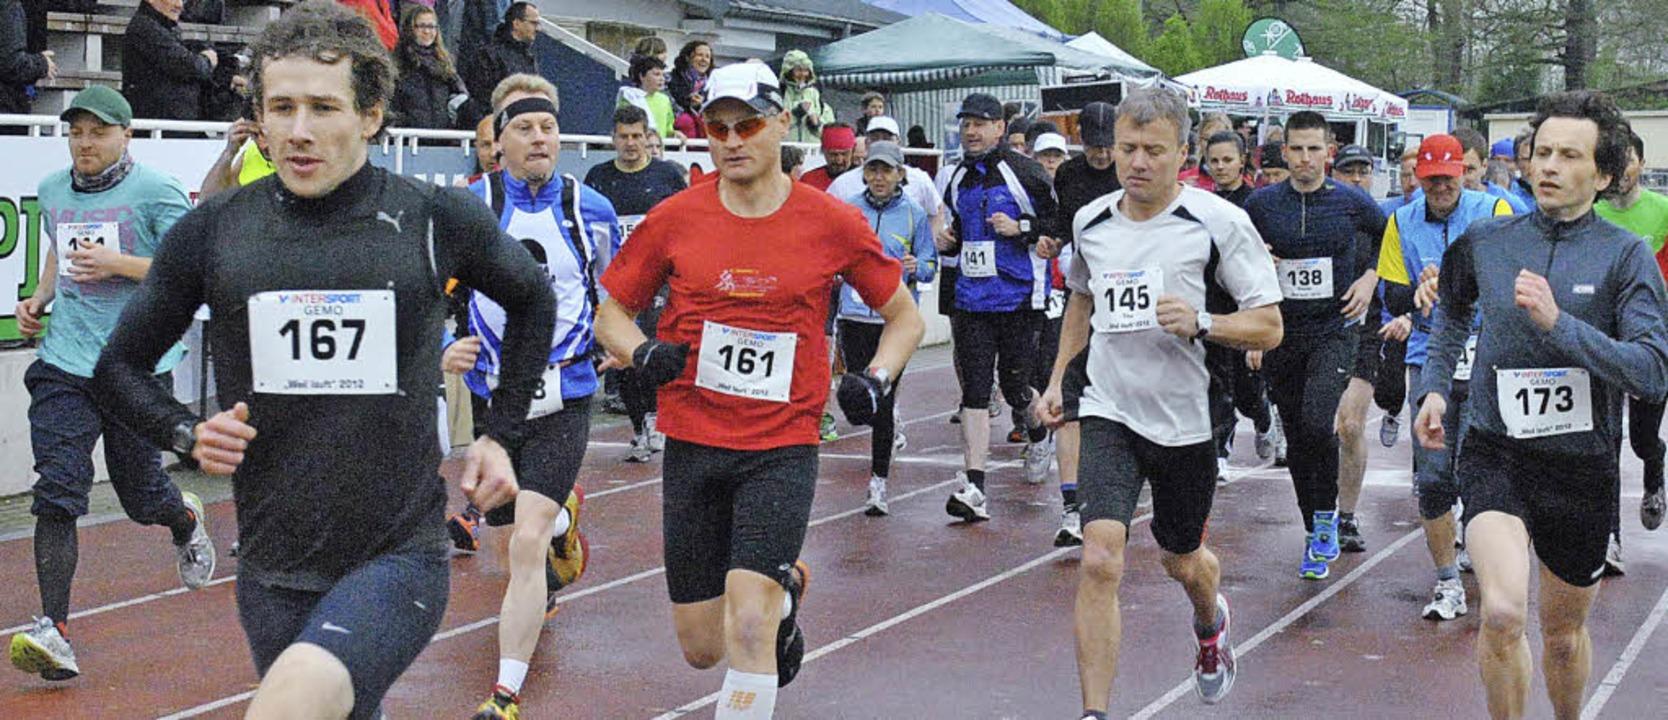 Weil läuft: Viele engagierte Menschen ...Bewegung – nicht nur sportlich.   | Foto: Archivbild: Sedlak